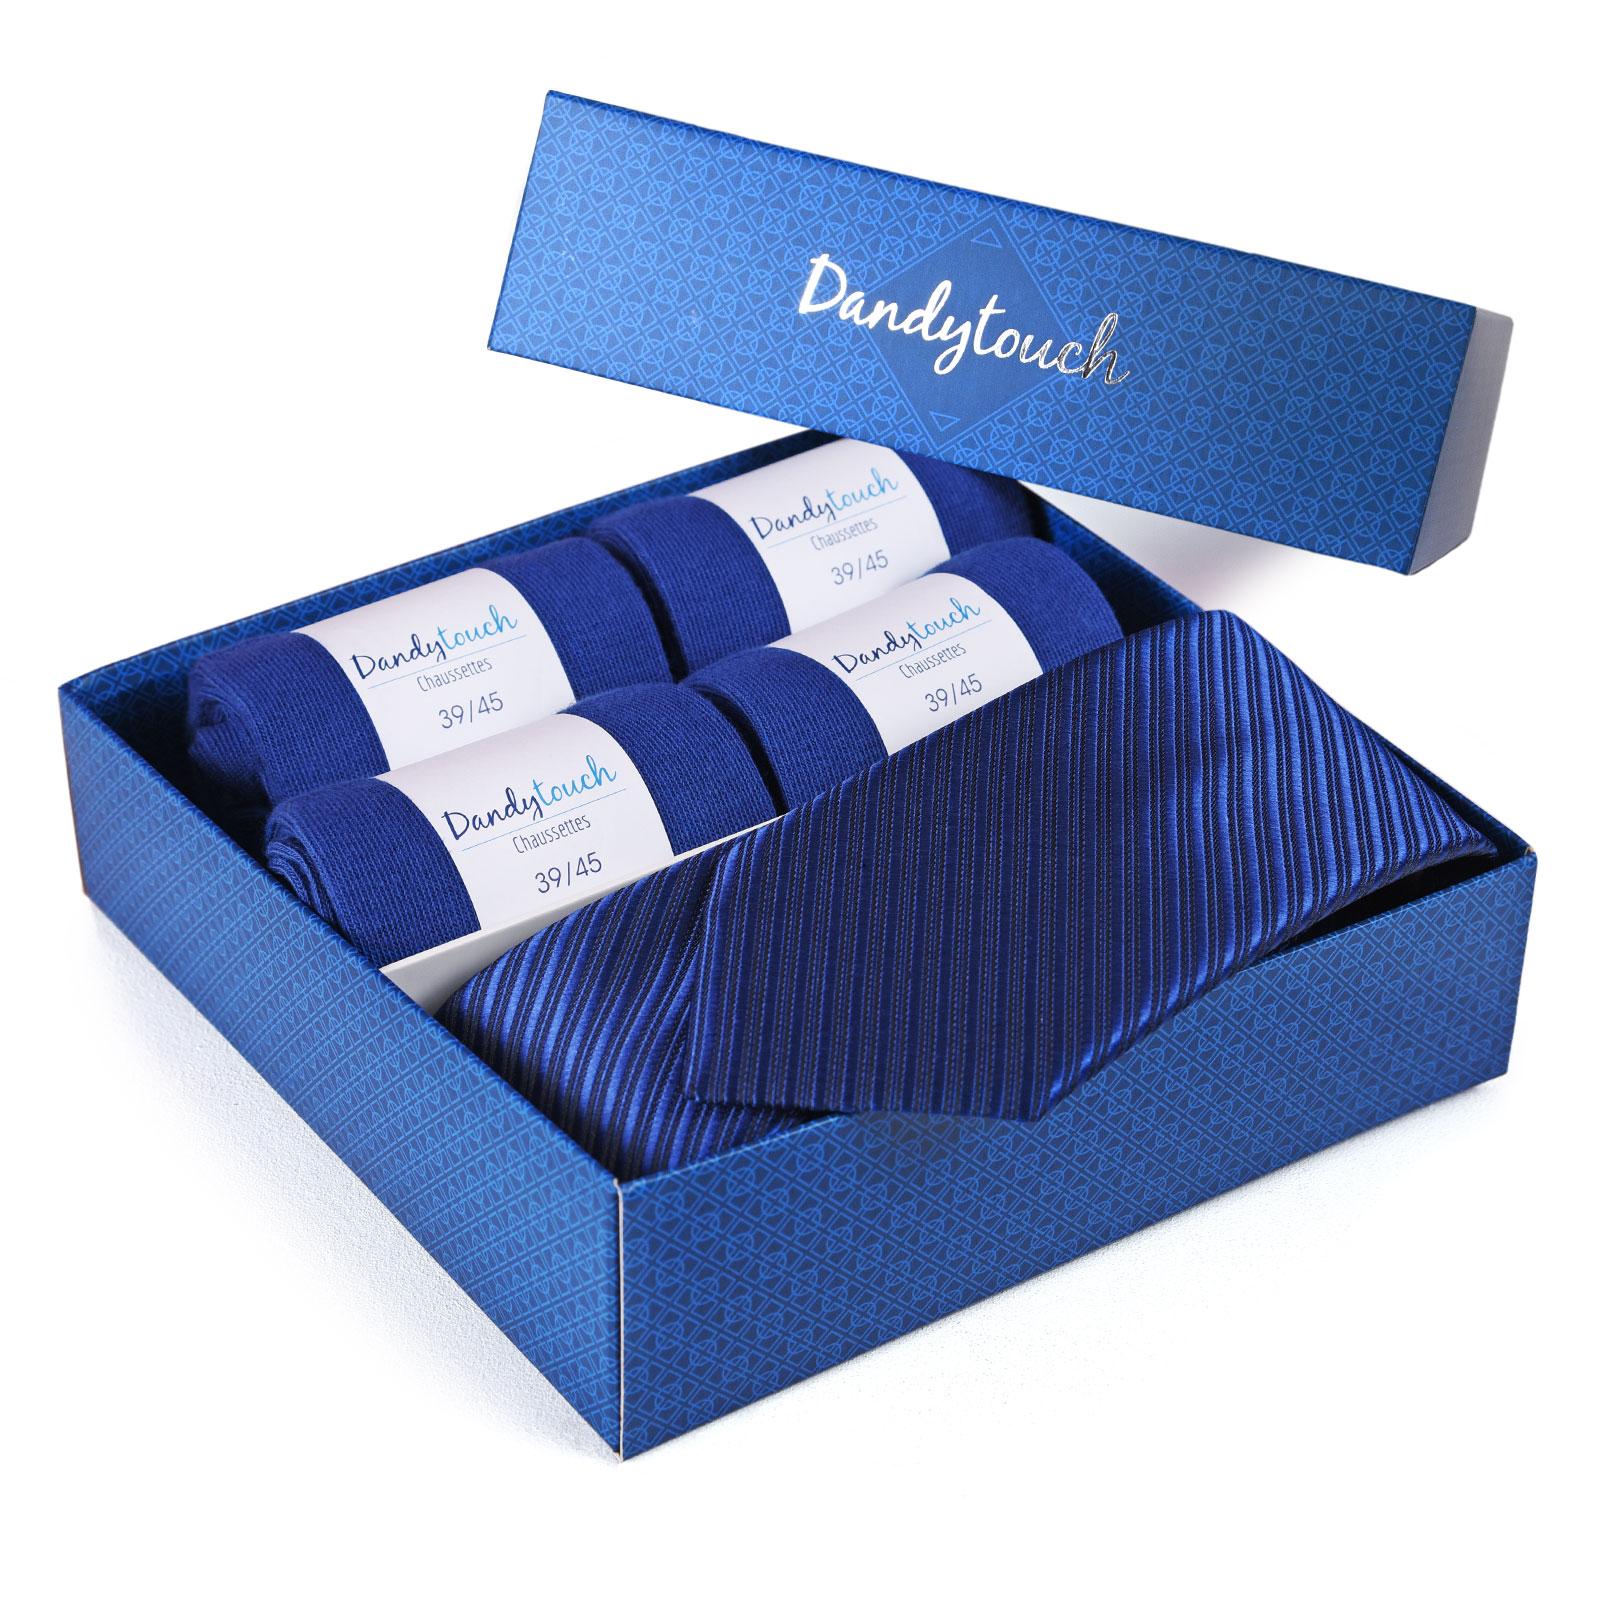 PK-00088-B16-coffret-cadeau-chaussettes-cravate-bleu